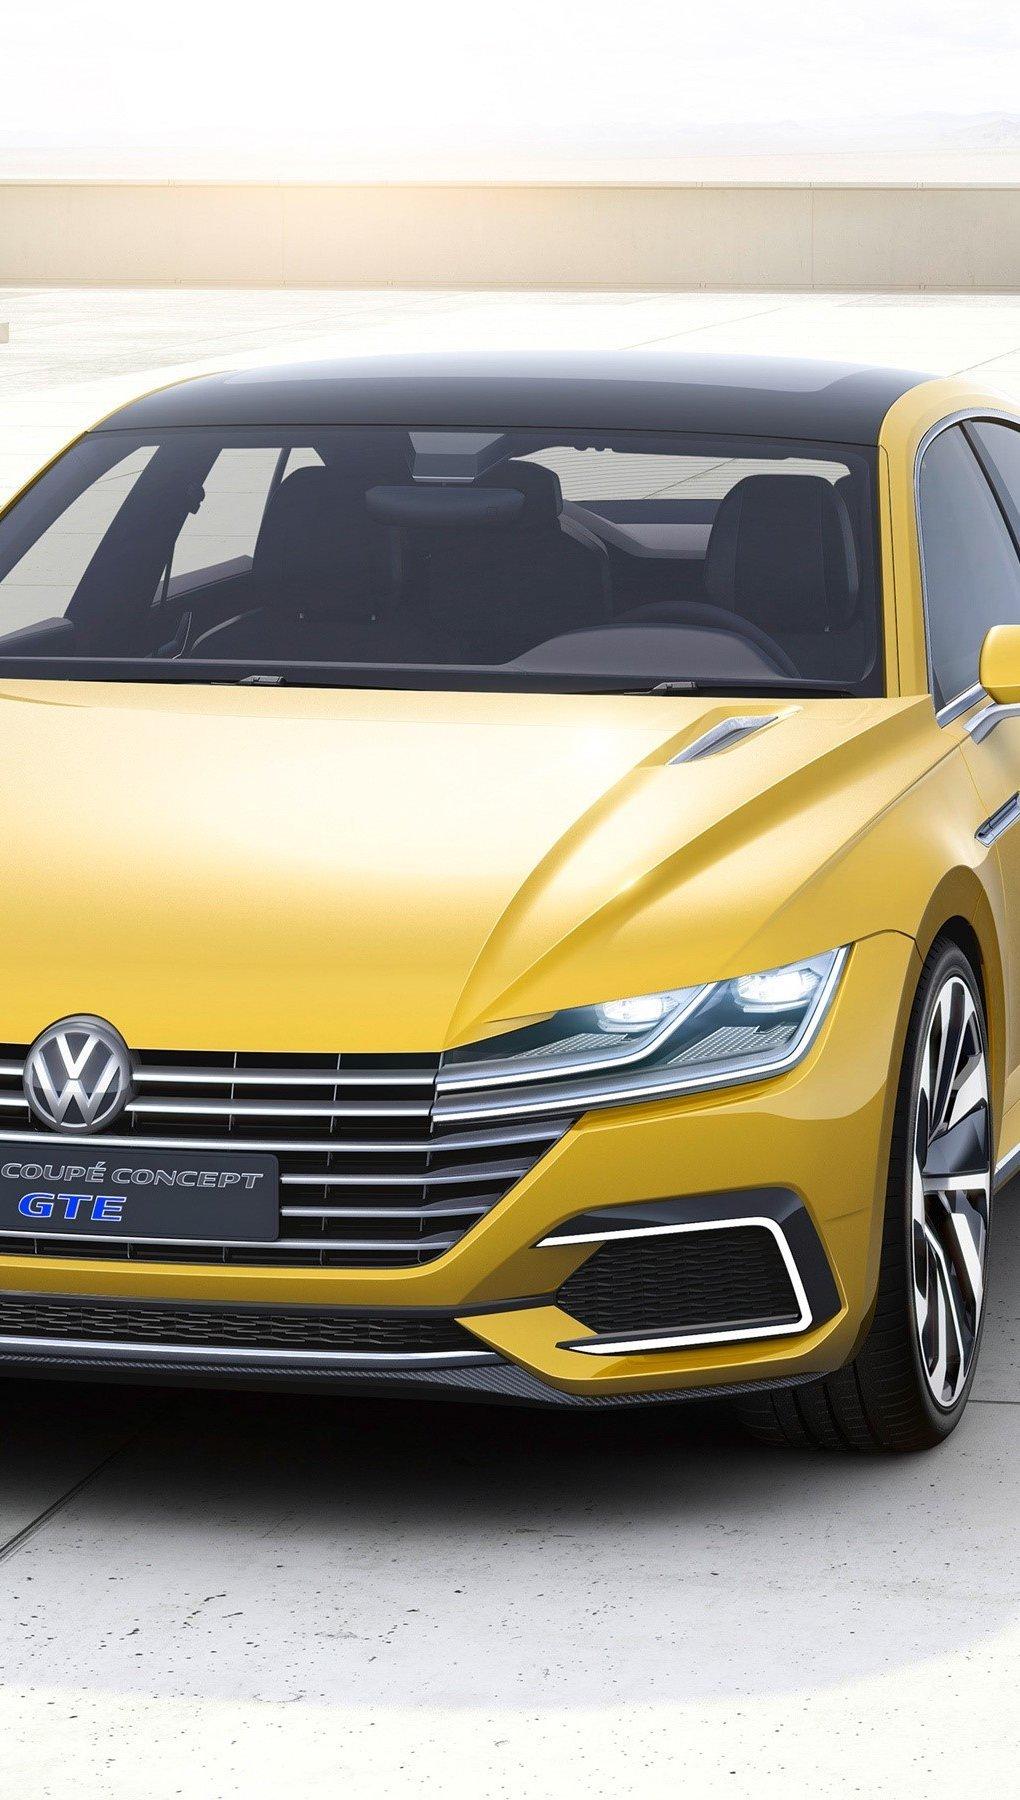 Wallpaper Volkswagen Sport Coupe Concept GTE Vertical